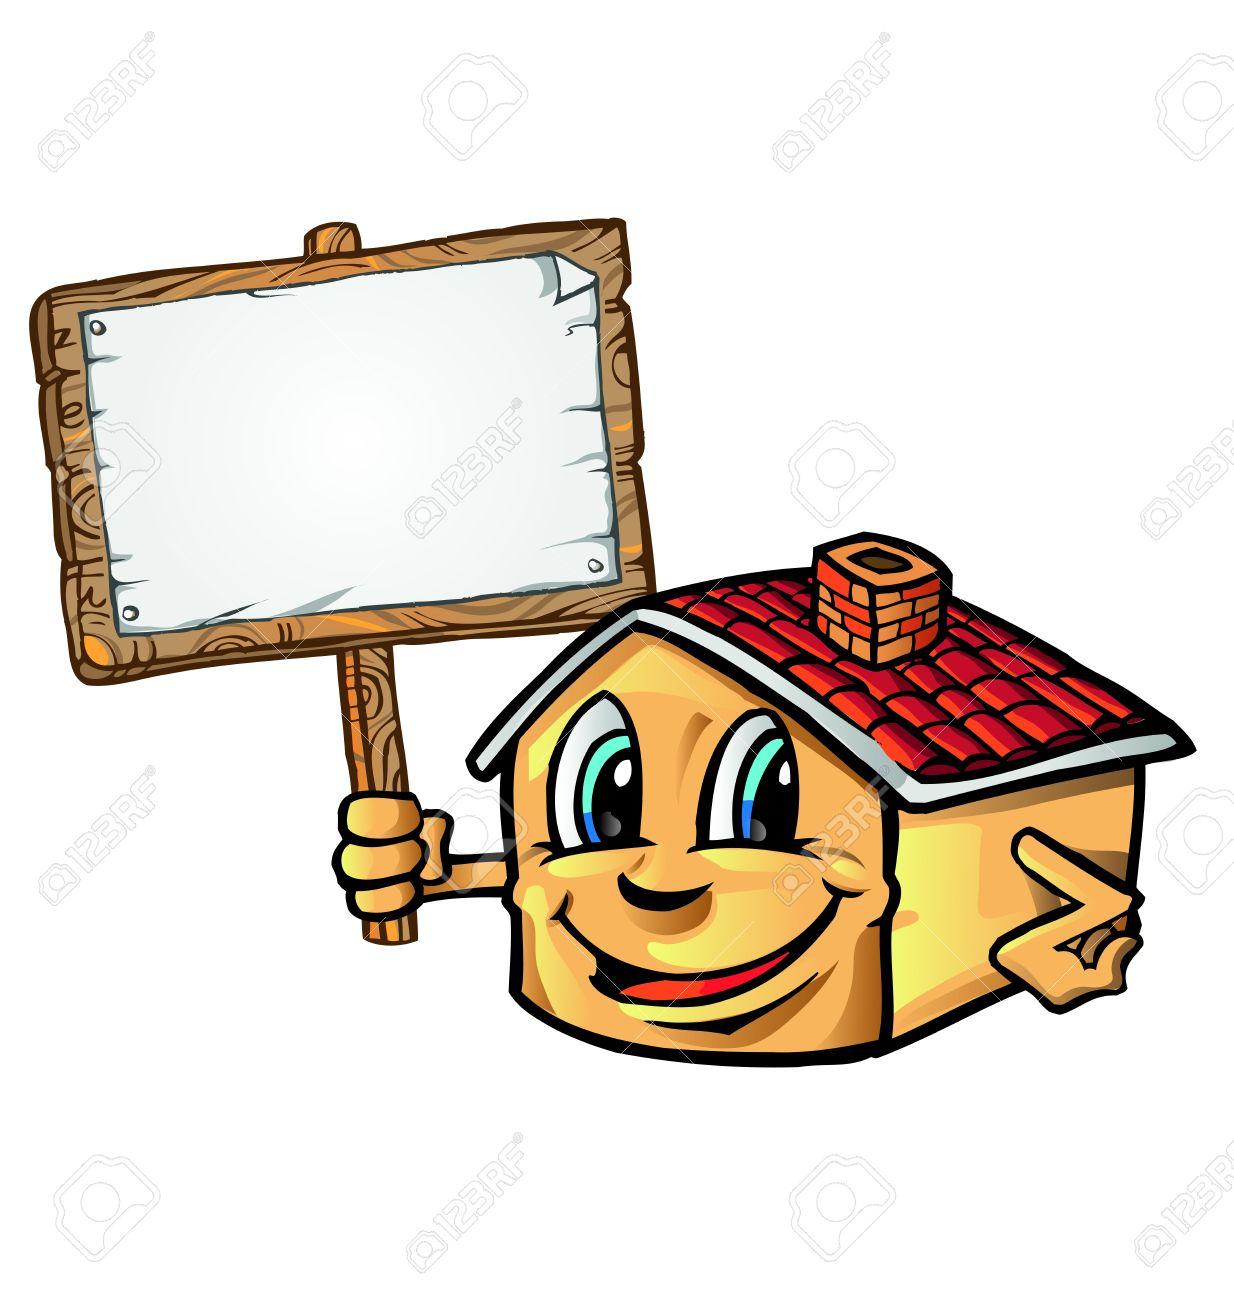 Banque dimages dessin animé de la maison avec le panneau indicateur